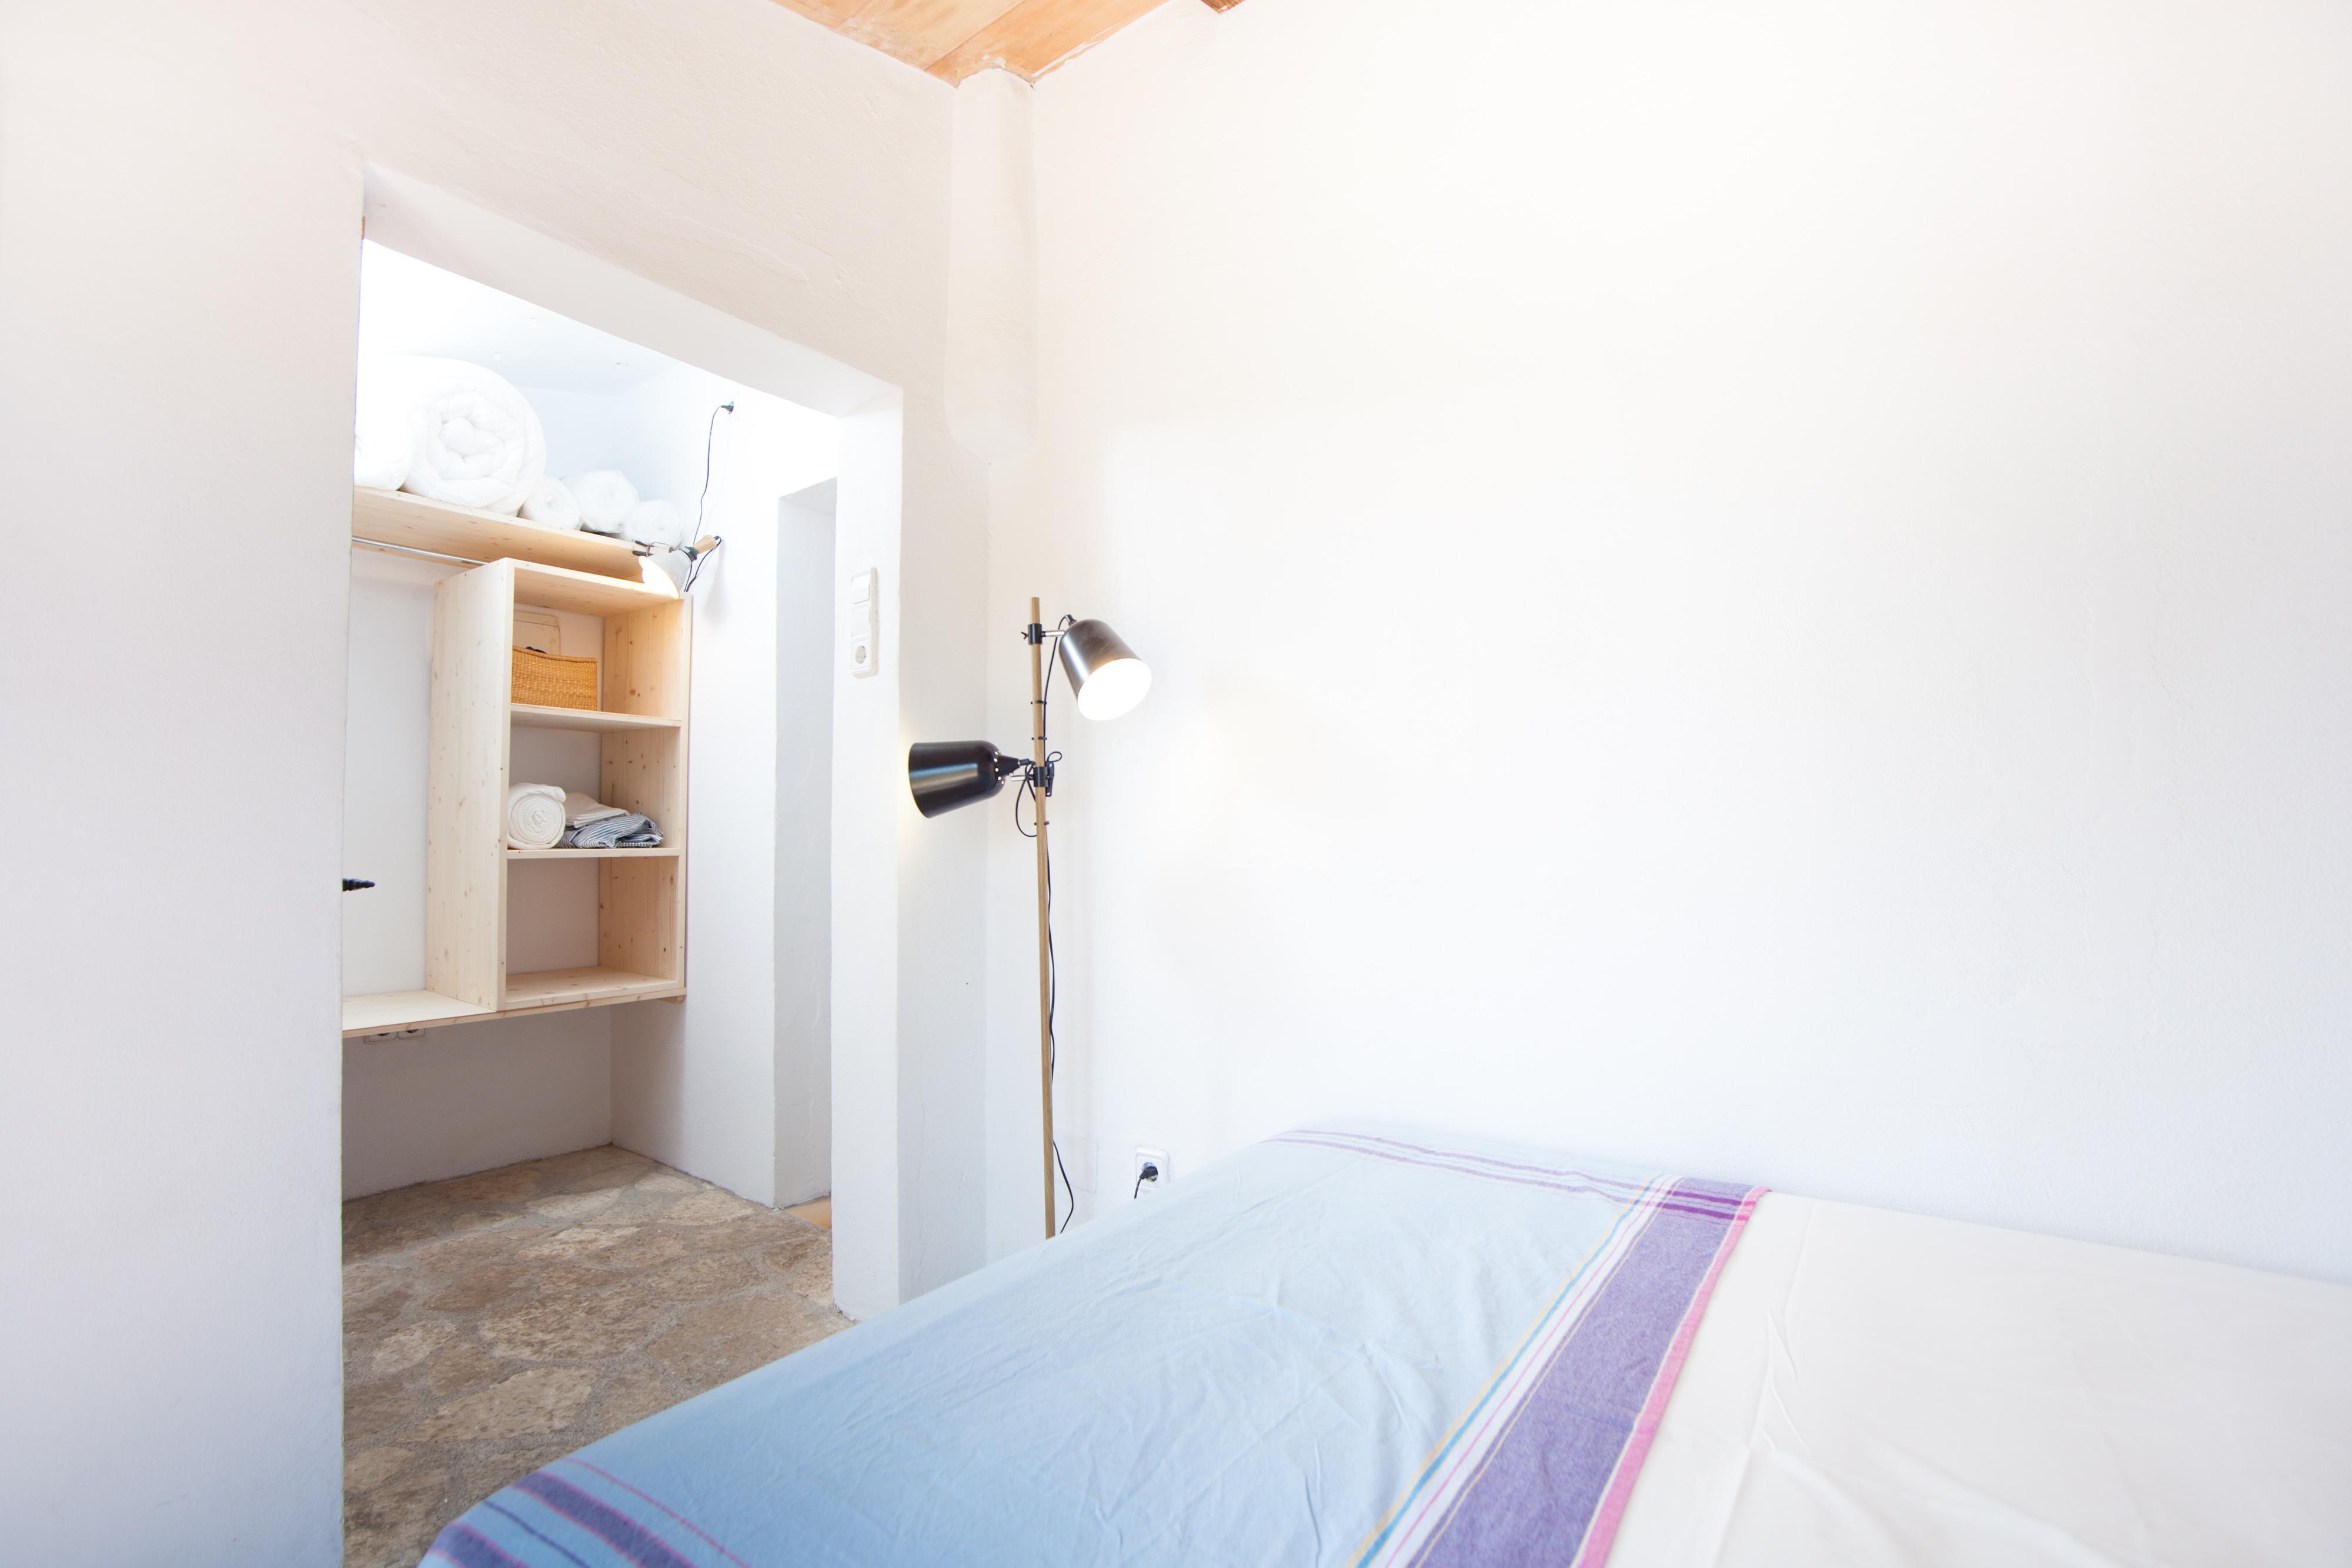 Ferienhaus SA BARQUETA (2177991), Colonia de Sant Pere, Mallorca, Balearische Inseln, Spanien, Bild 16